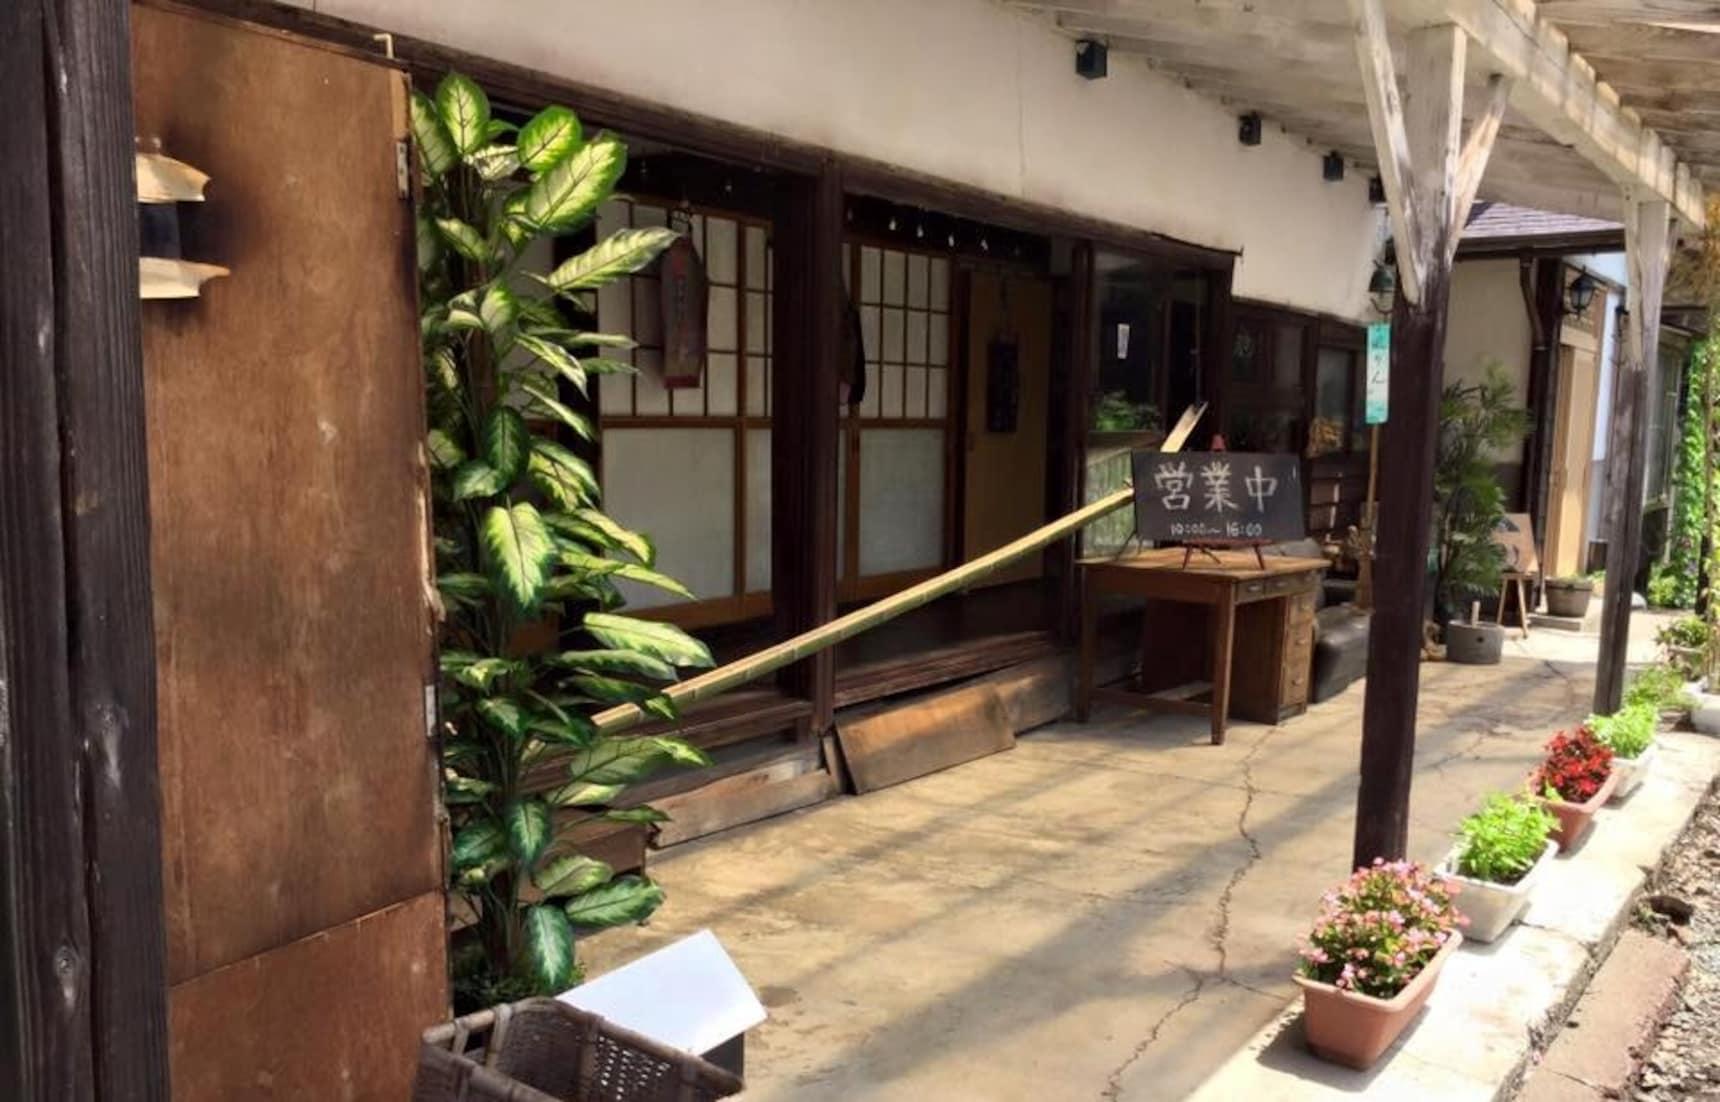 【日本旅行咖啡】東北自駕順遊必訪的懷舊古民家咖啡廳6選